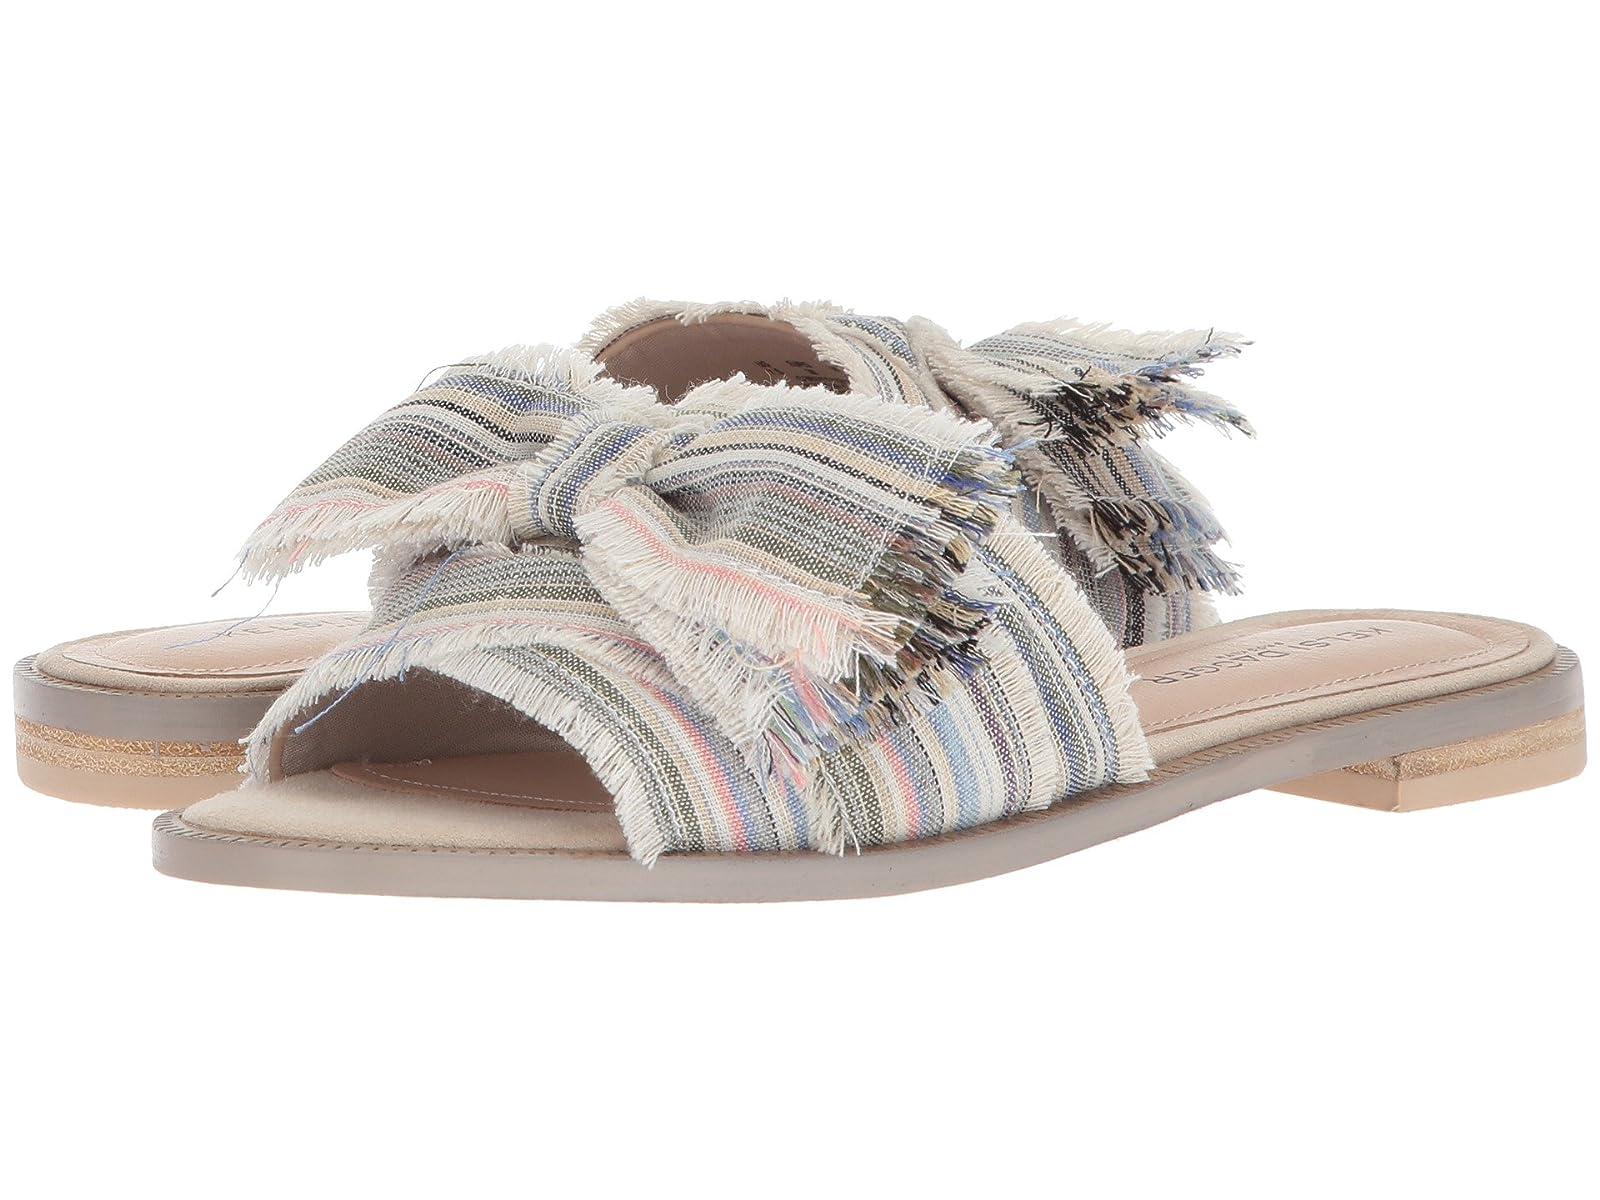 Kelsi Dagger Brooklyn RevereAtmospheric grades have affordable shoes